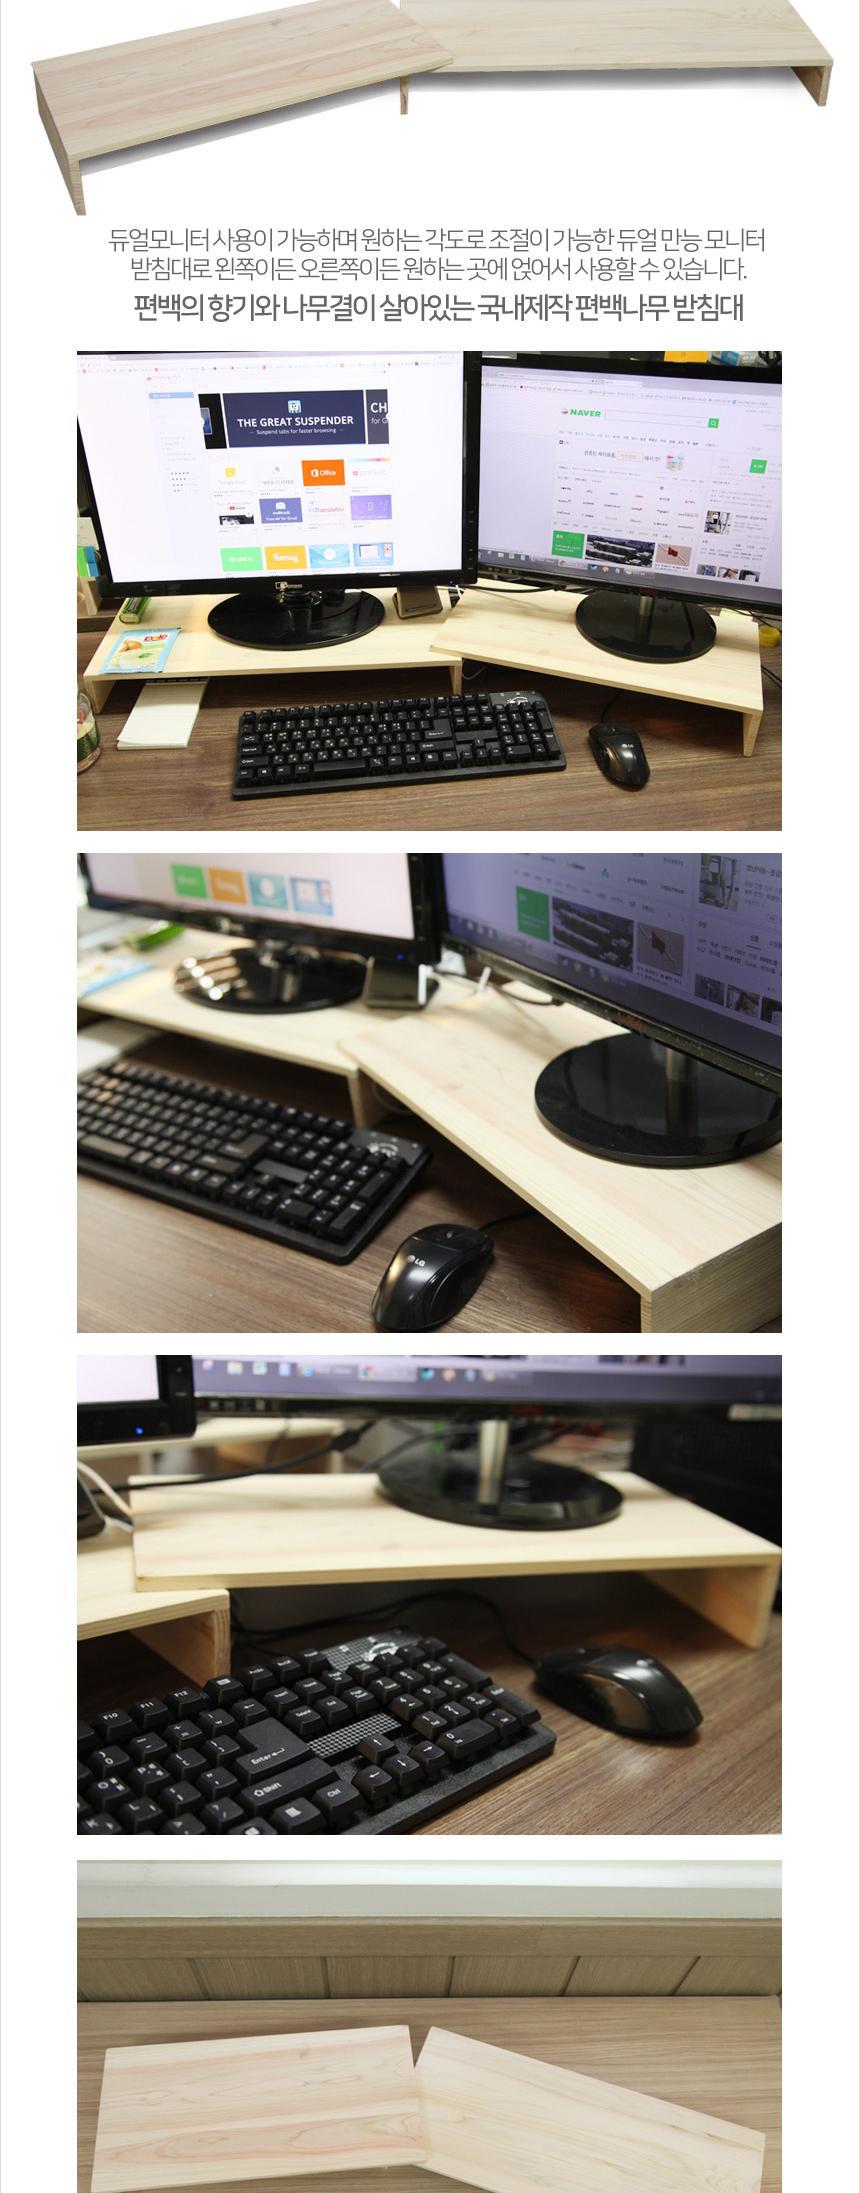 듀얼만능 모니터받침대 편백나무 2개한세트 모니터받 모니터받침대 모니터받침 다용도받침대 PC모니터받침대 컴퓨터모니터받침대